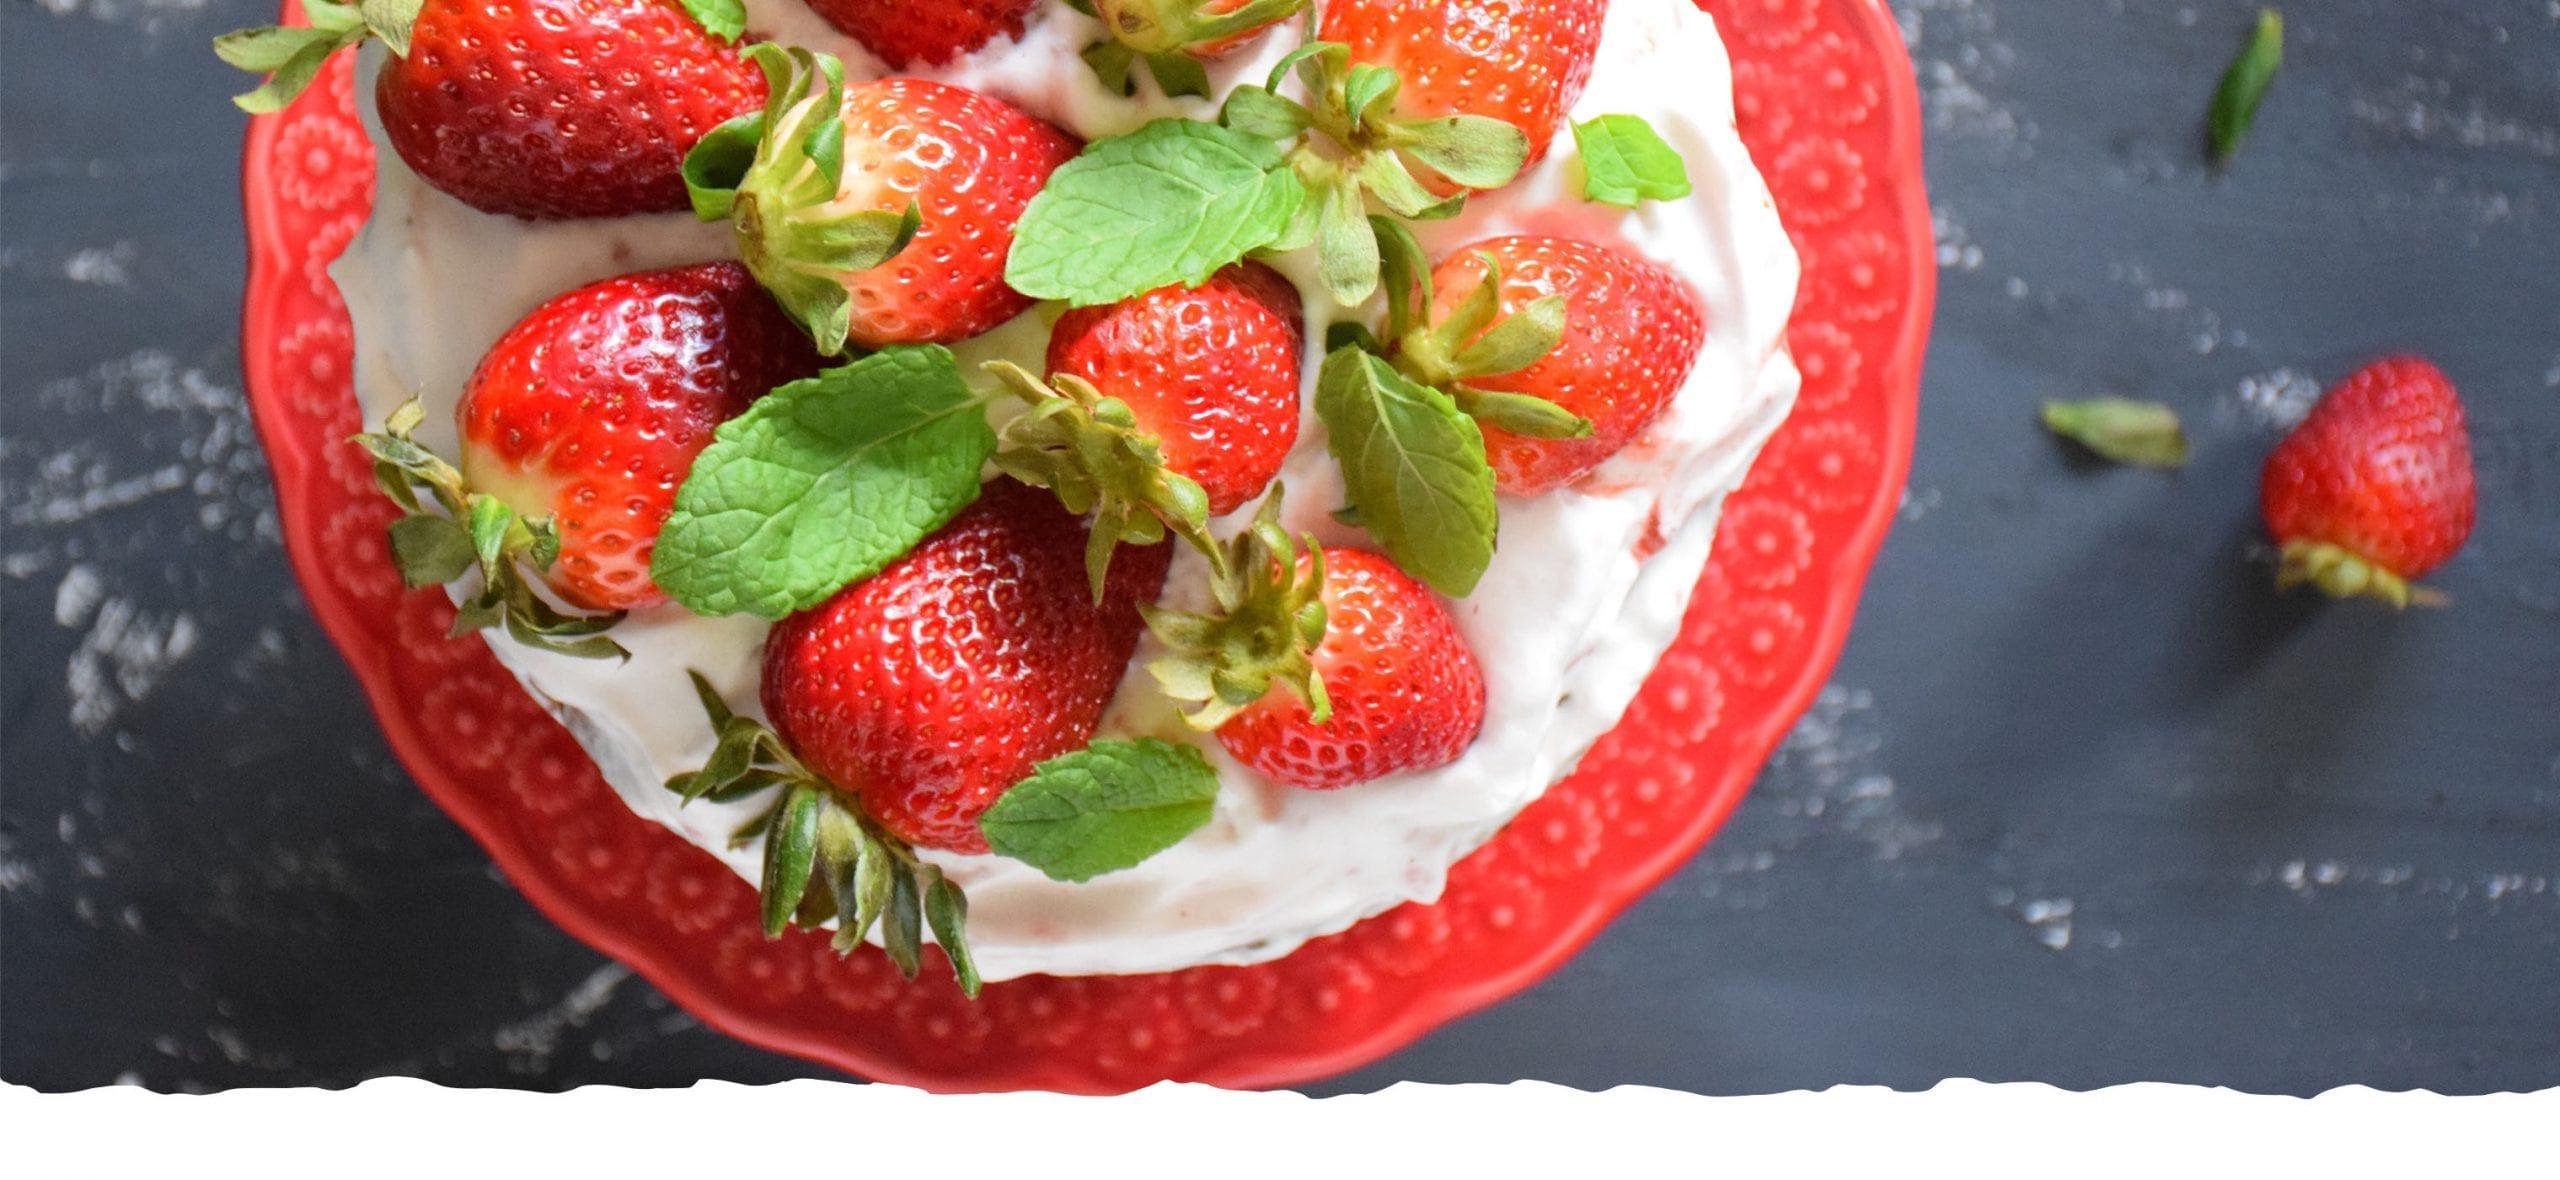 Hazelnut and Lemon Cake with Strawberries